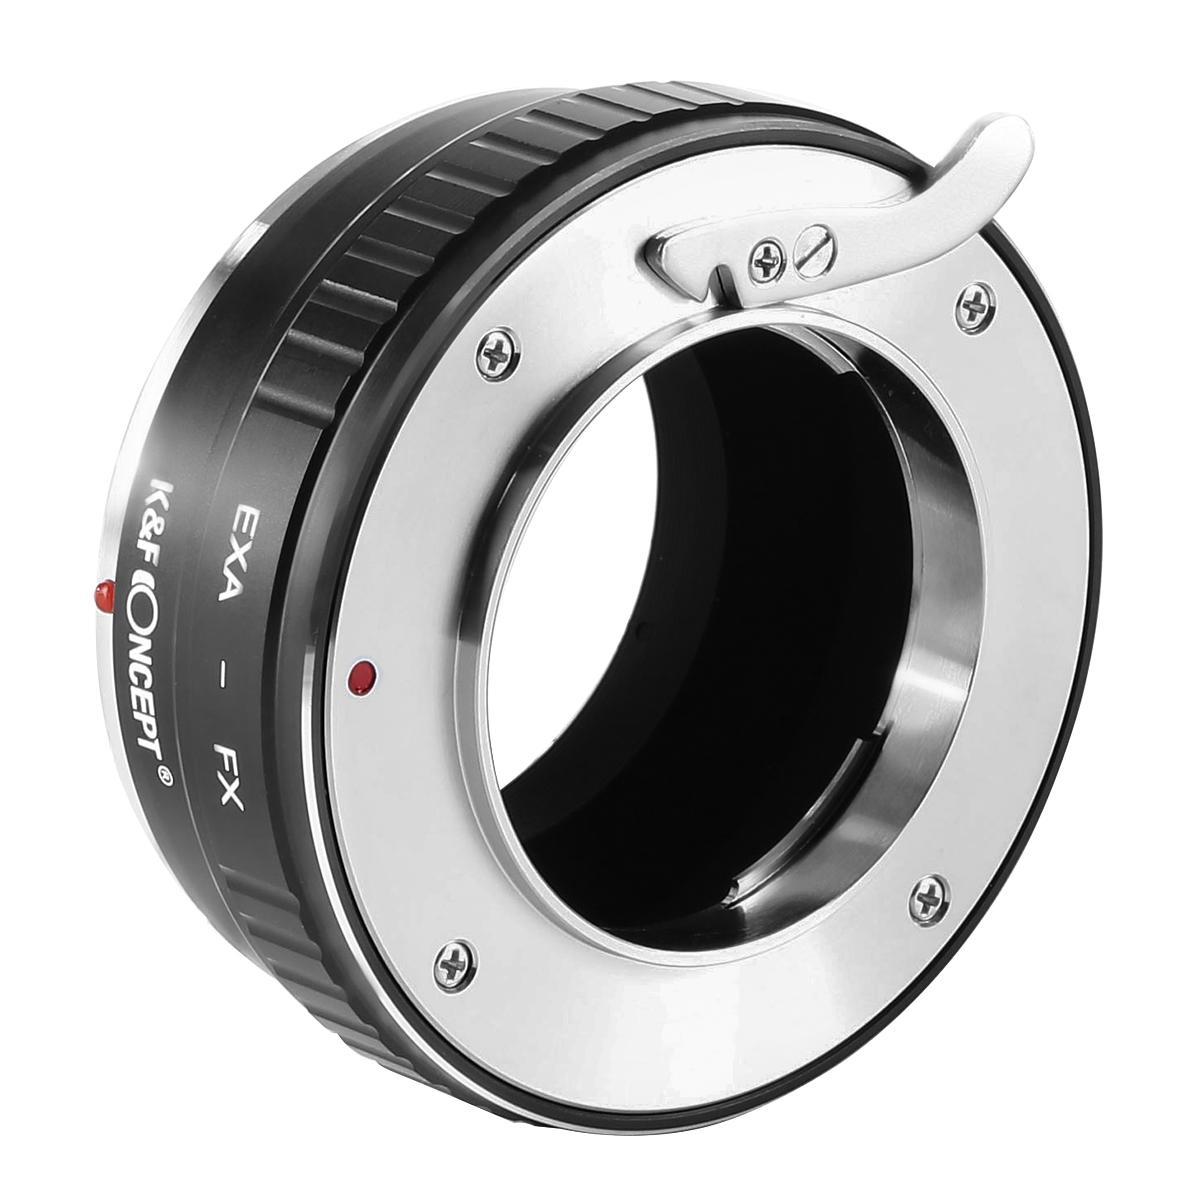 Exakta Lenses to Fuji X Mount Camera Adapter